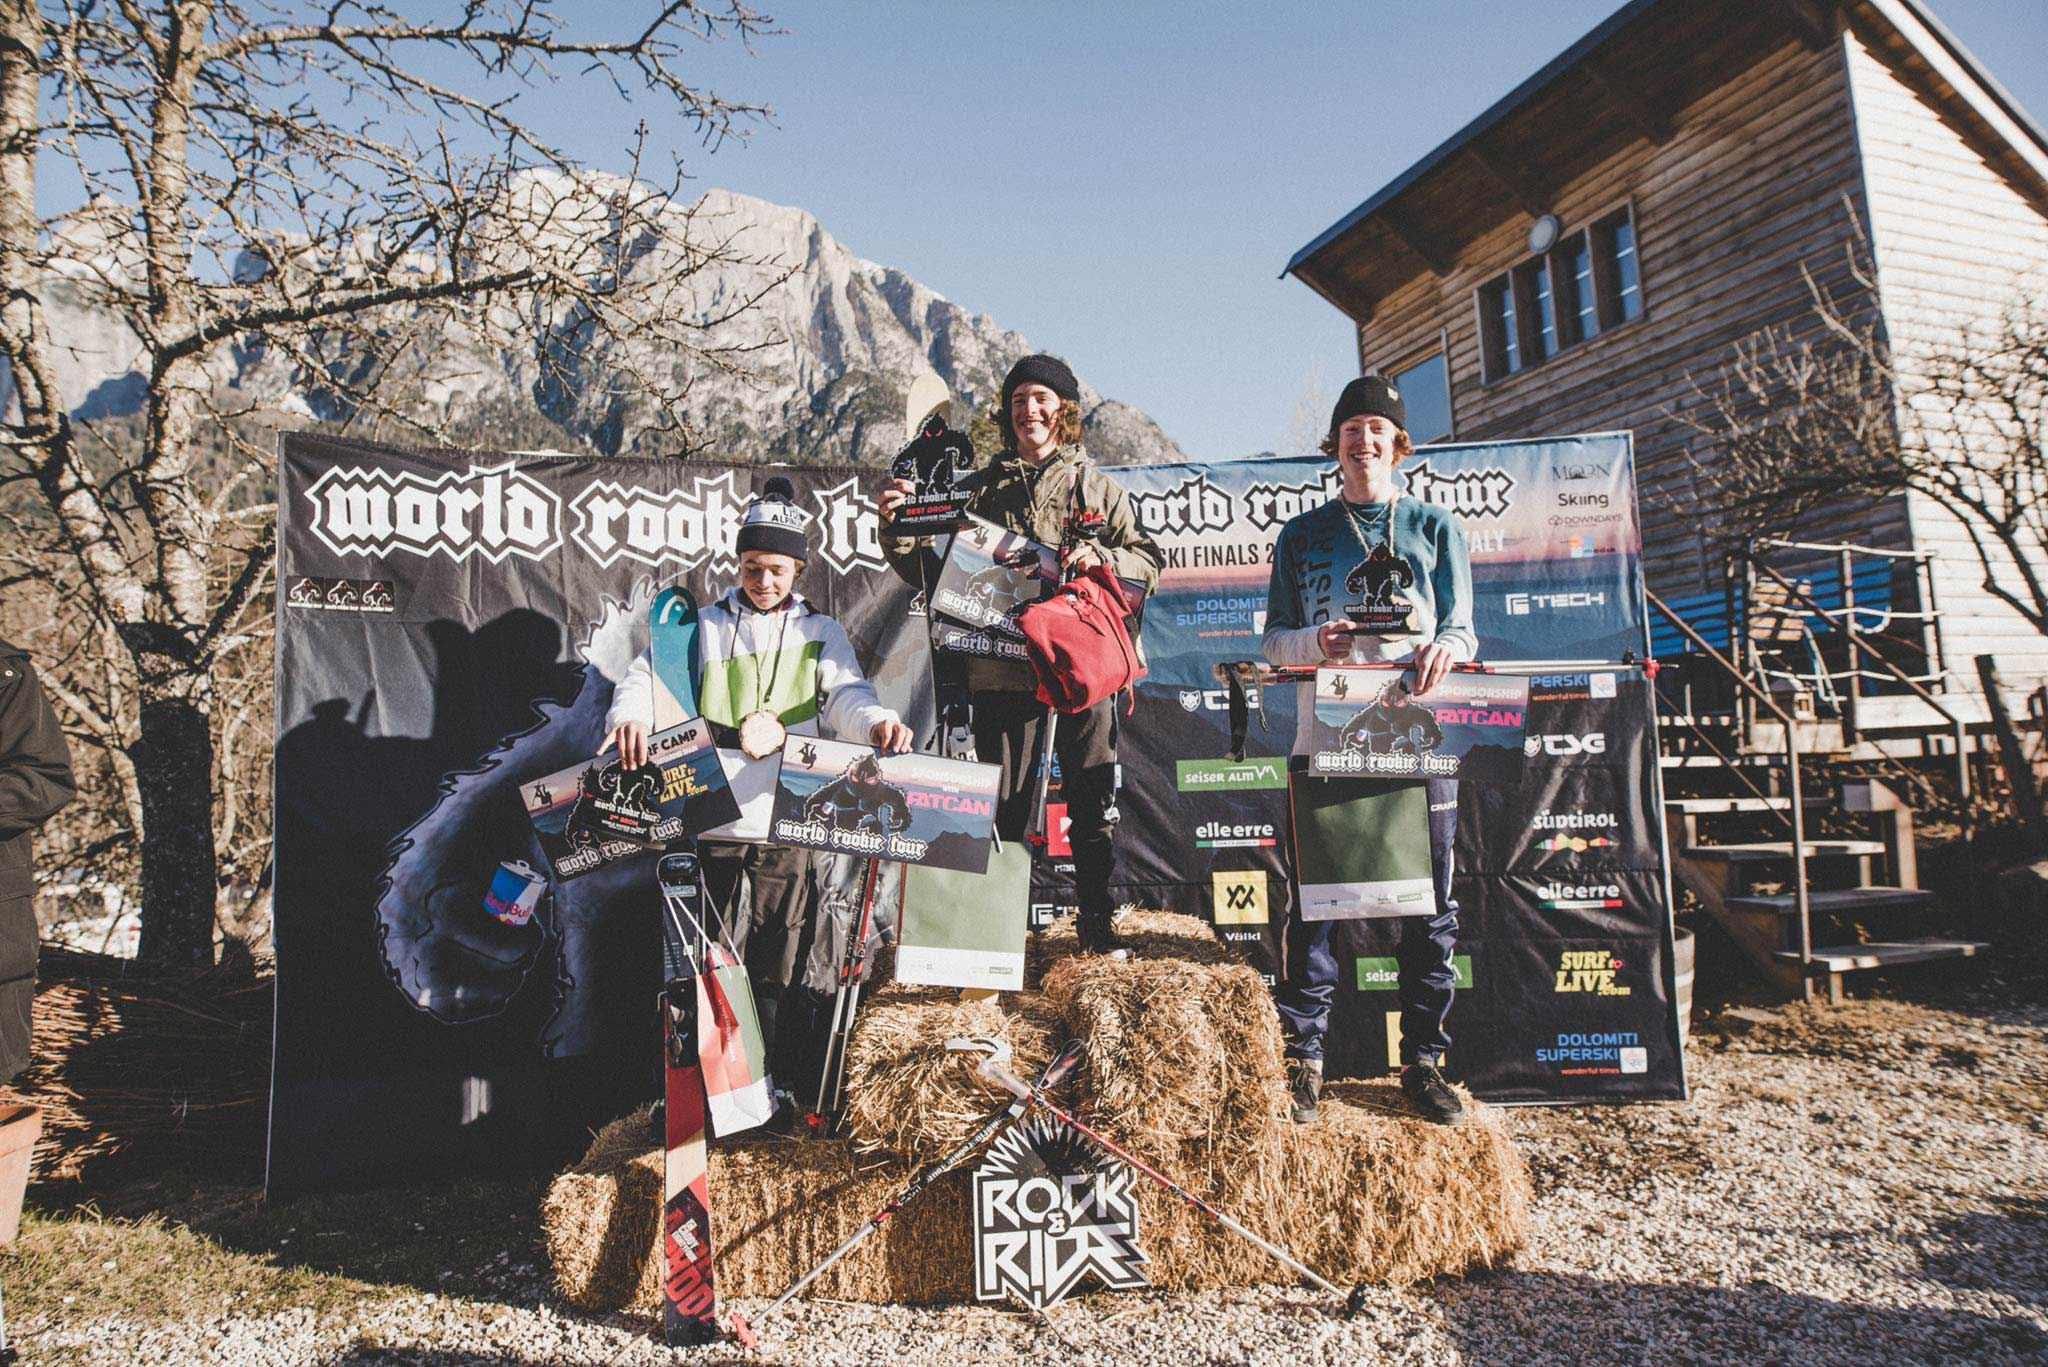 Die drei besten Groms beim World Rookie Tour 2019 Finale auf der Seiser Alm: Gian Andri Bolinger (SUI), Matej Svancer (CZE) & Noah Ressel (AUT) - Foto: Ania Grzelka